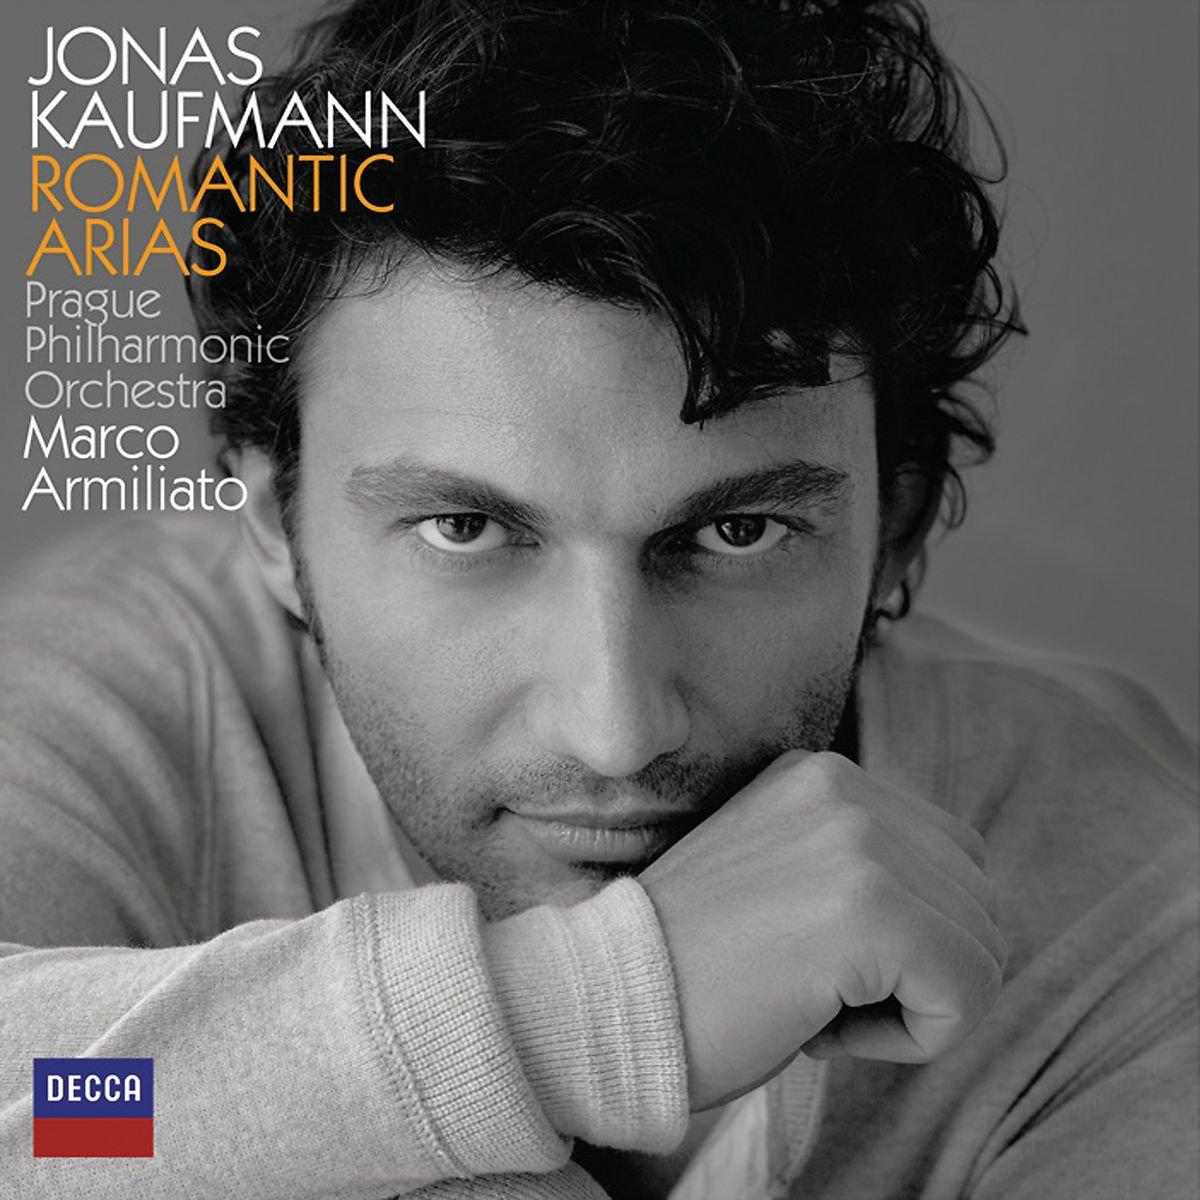 CD : Jonas Kaufmann - Romantic Arias (CD)